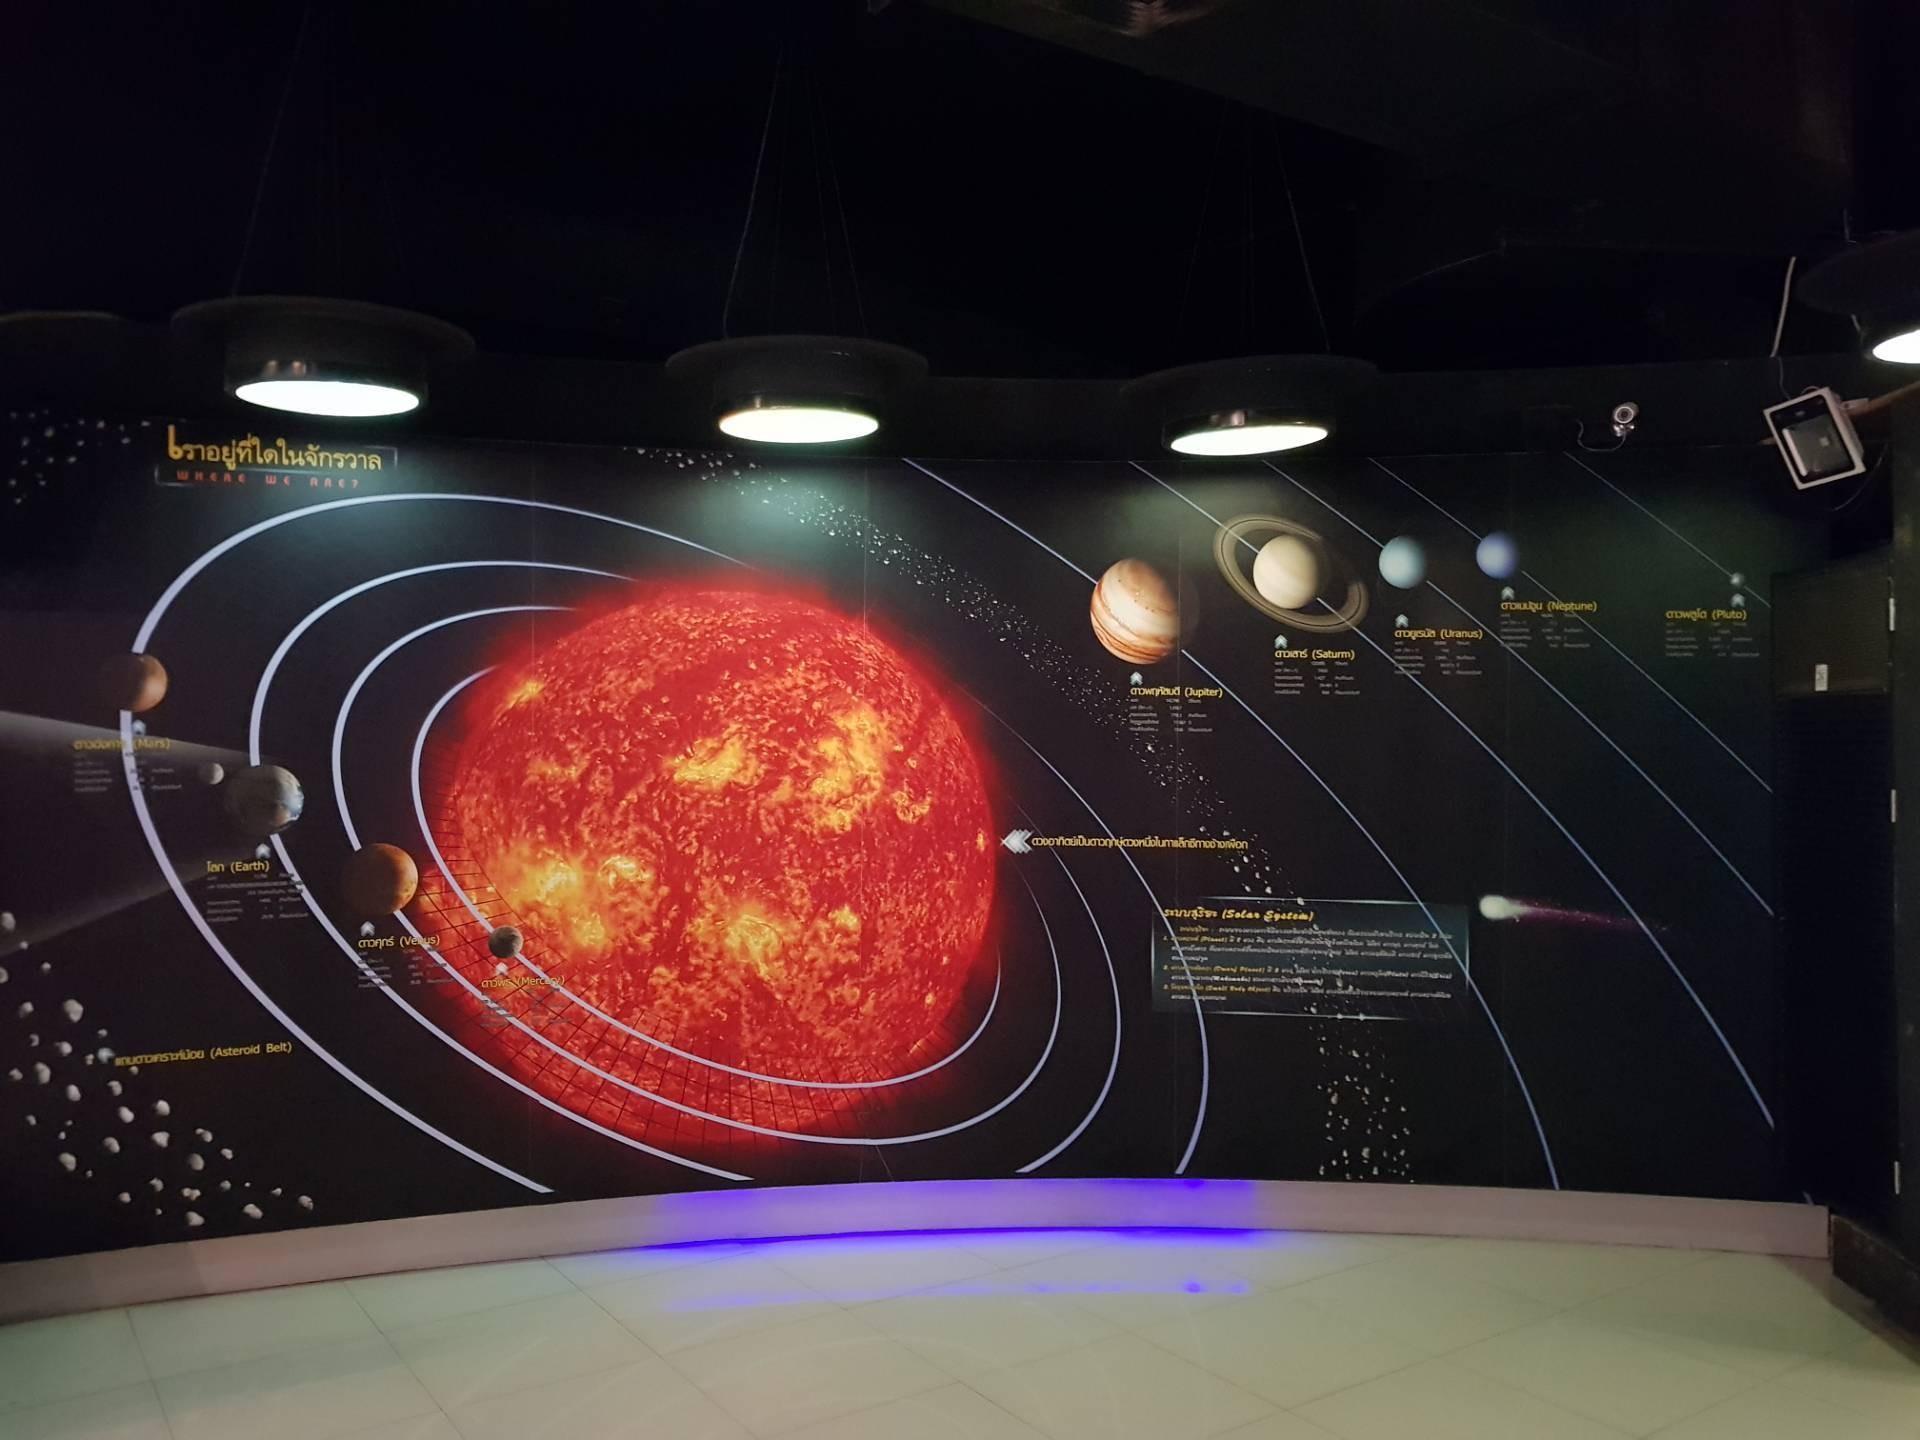 พิพิธภัณฑ์วิทยาศาสตร์และท้องฟ้าจำลอง (ท้องฟ้าจำลอง)